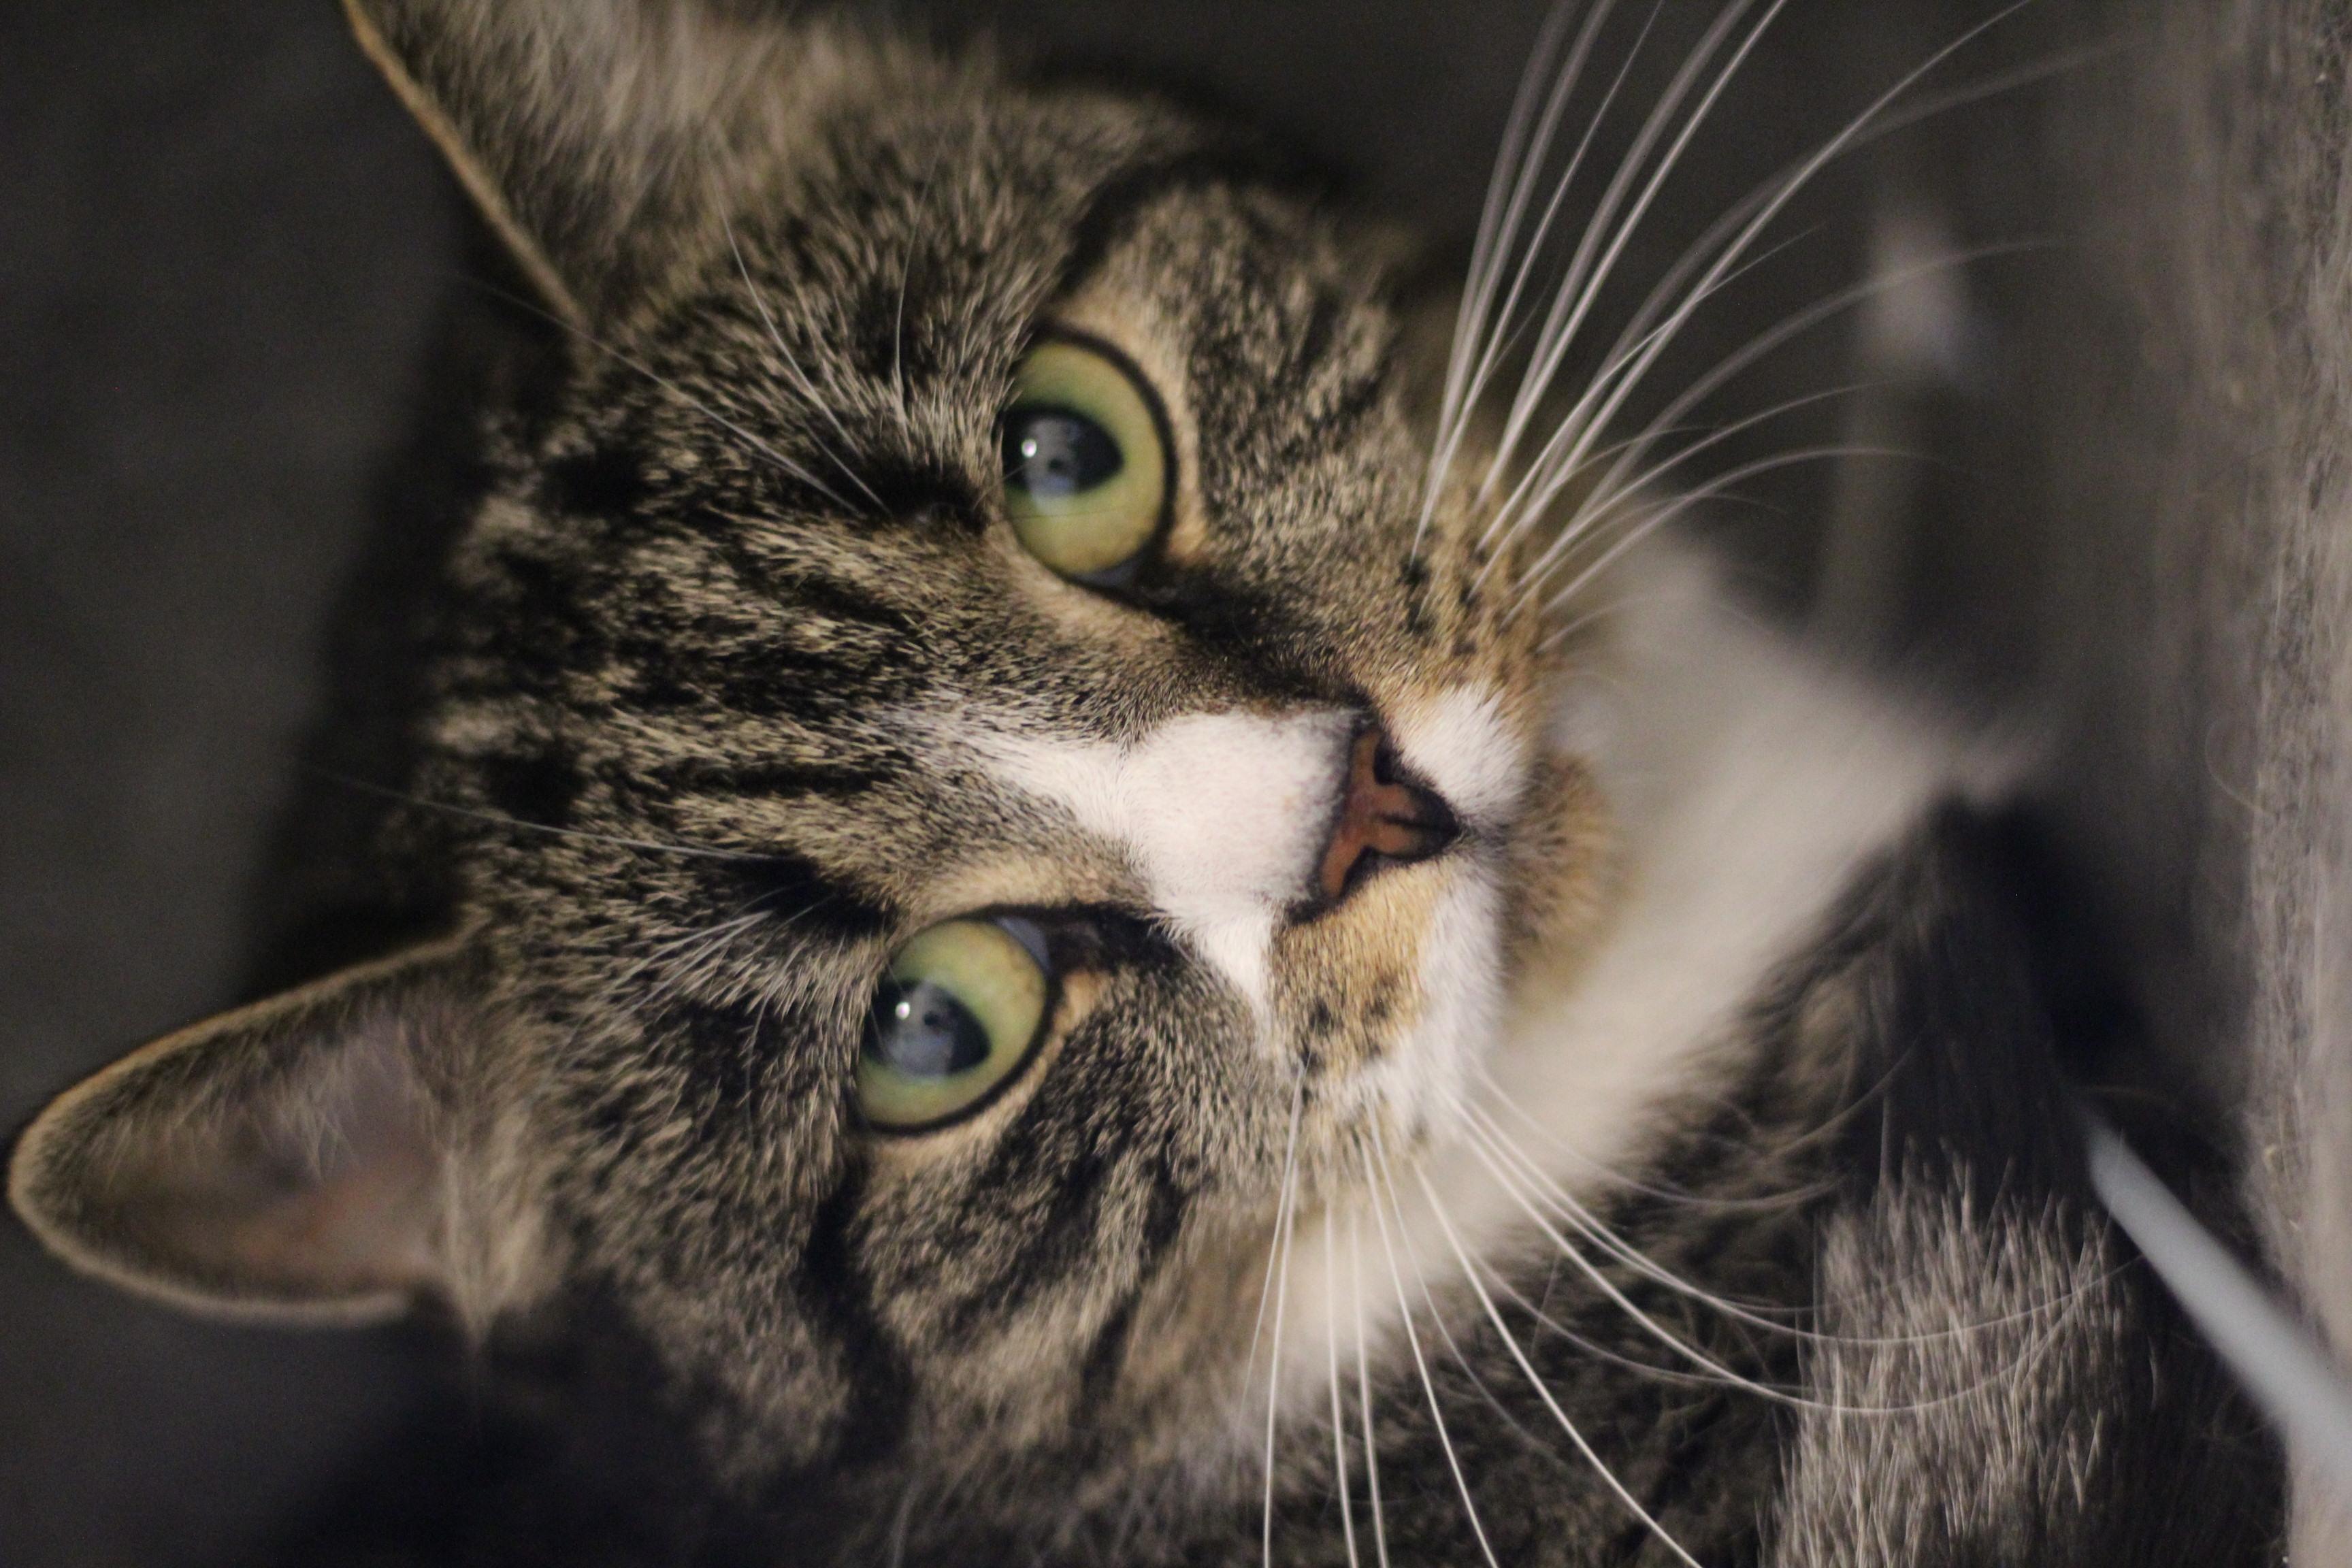 NEDSAT PRIS 600 kr. INDEKAT Molly er en lidt forsigtig hunkat på 1 år.hun er sød og kælen men skal i et roligt hjem.